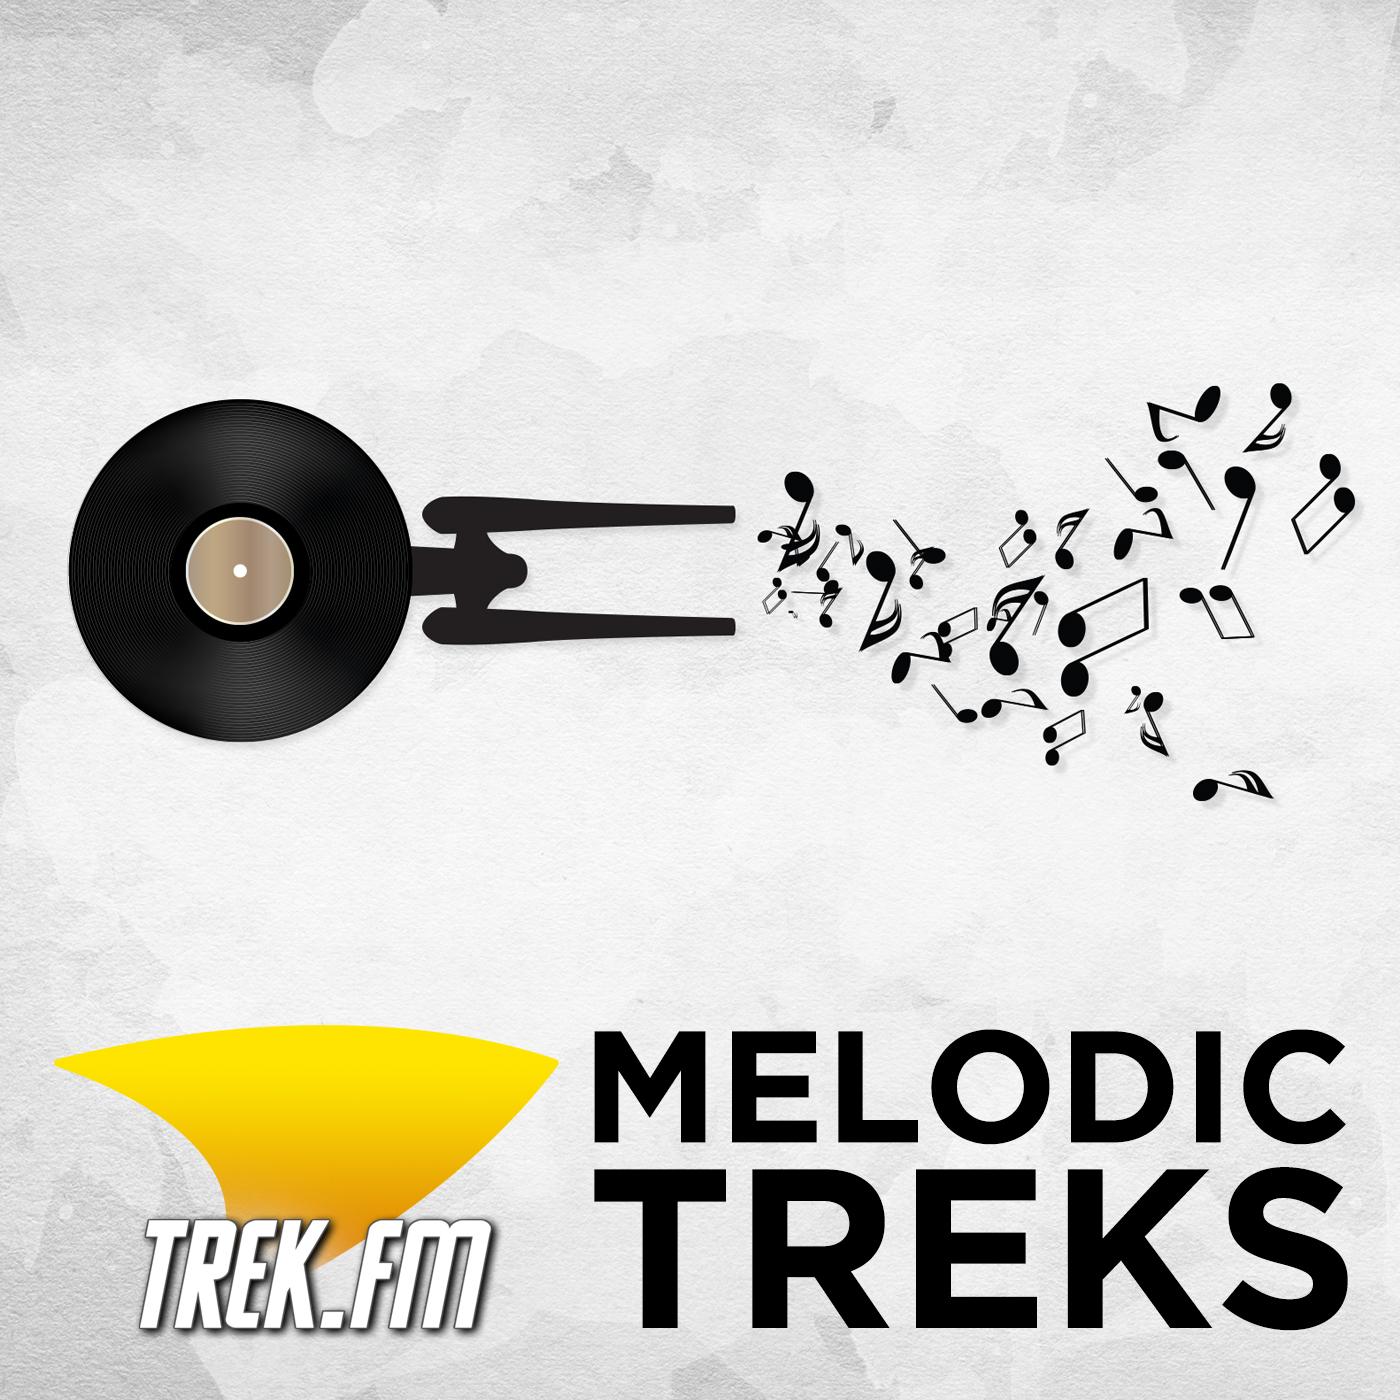 Star Trek Podcast | Melodic Treks - The Music of Star Trek | Trek.fm